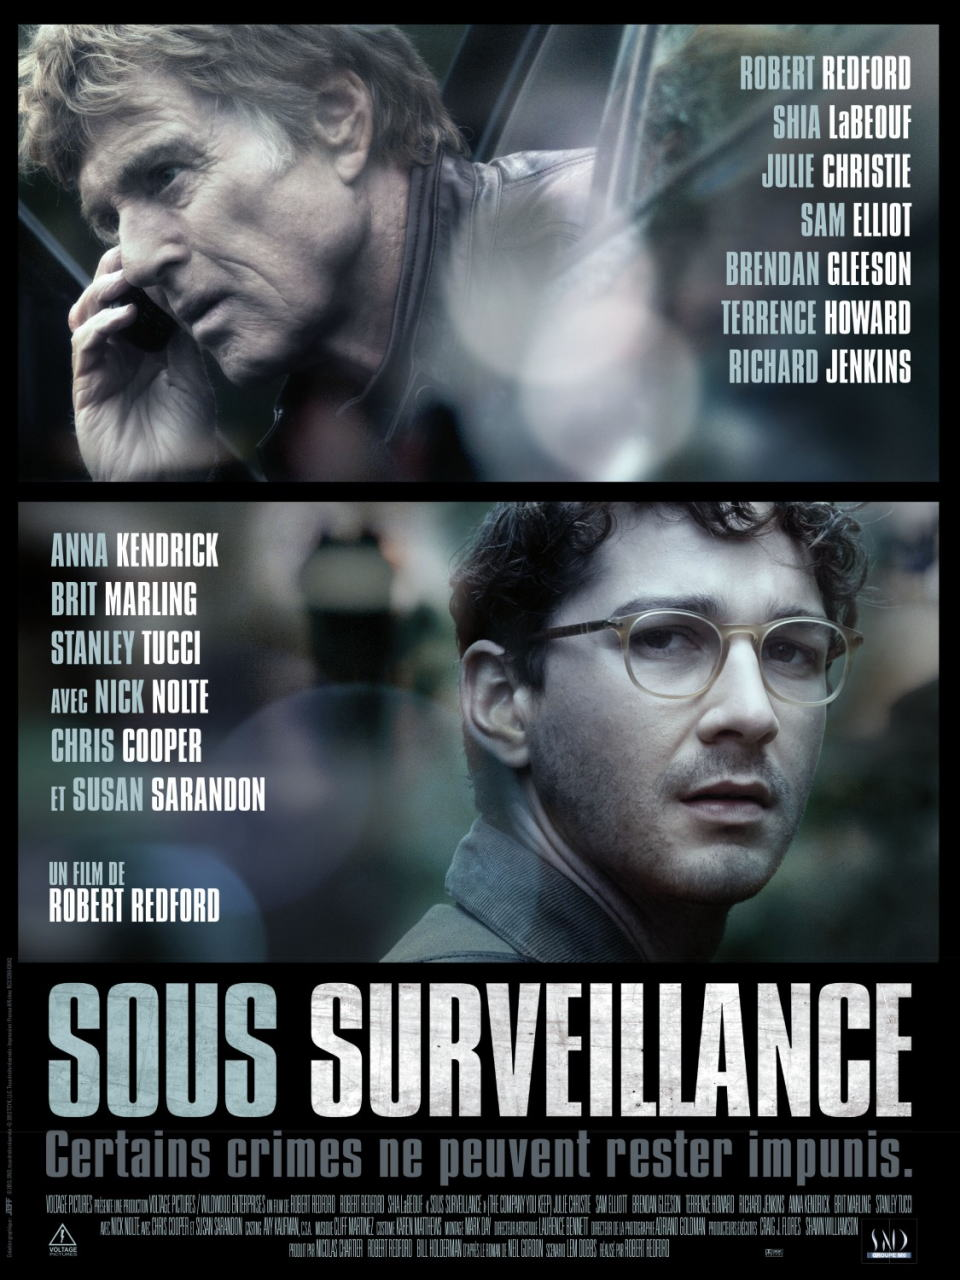 映画『ランナウェイ/逃亡者 (2012) THE COMPANY YOU KEEP』ポスター(2)▼ポスター画像クリックで拡大します。